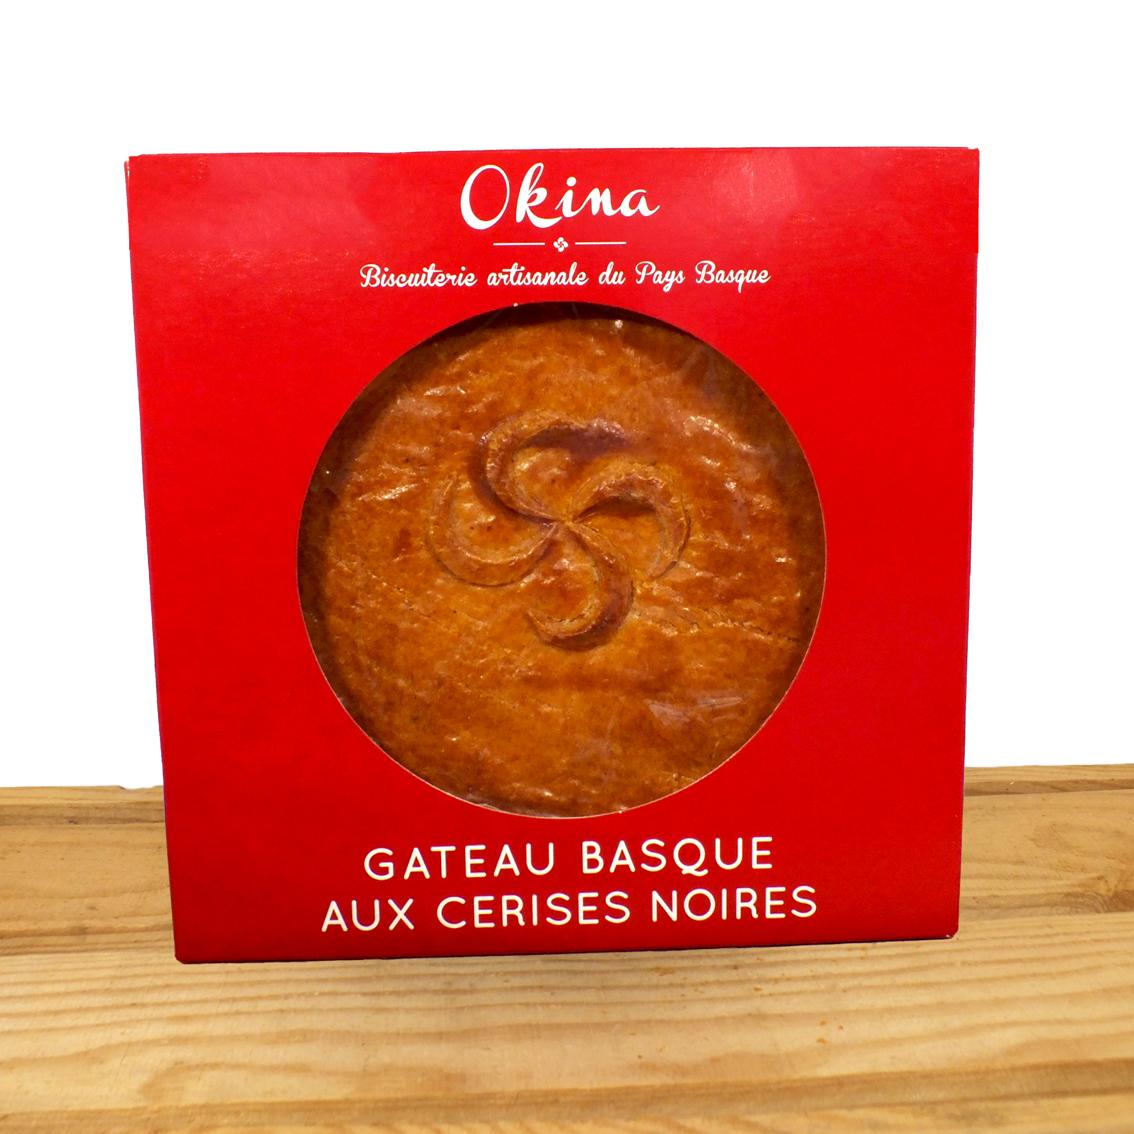 Gâteau basque à la cerise noire Okina